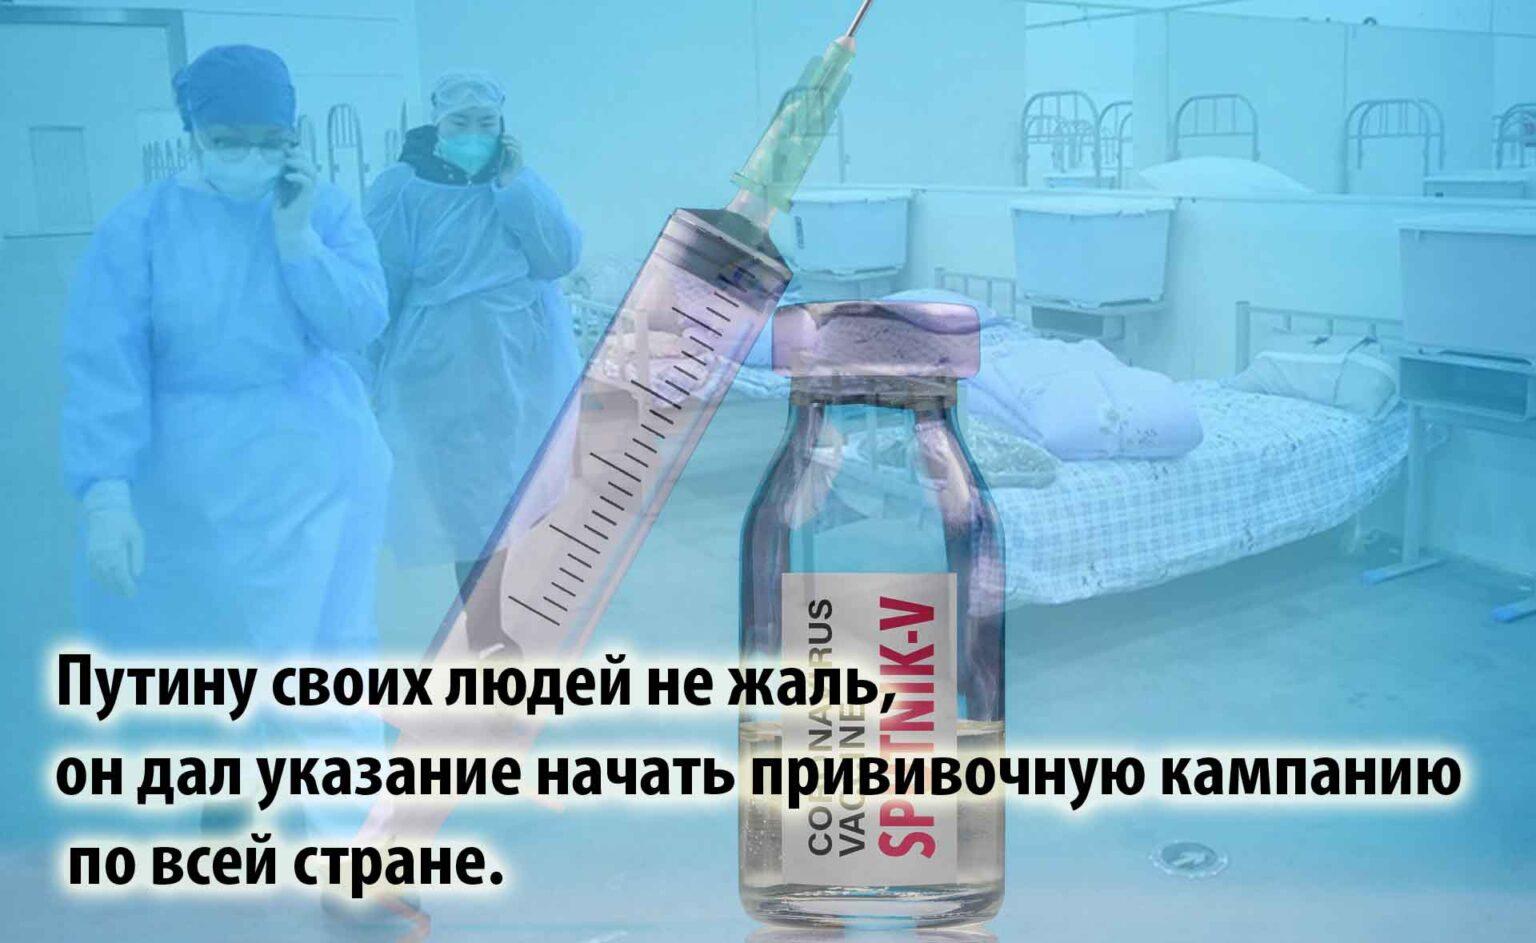 Россияне массово гибнут после вакцинации «Спутник V»